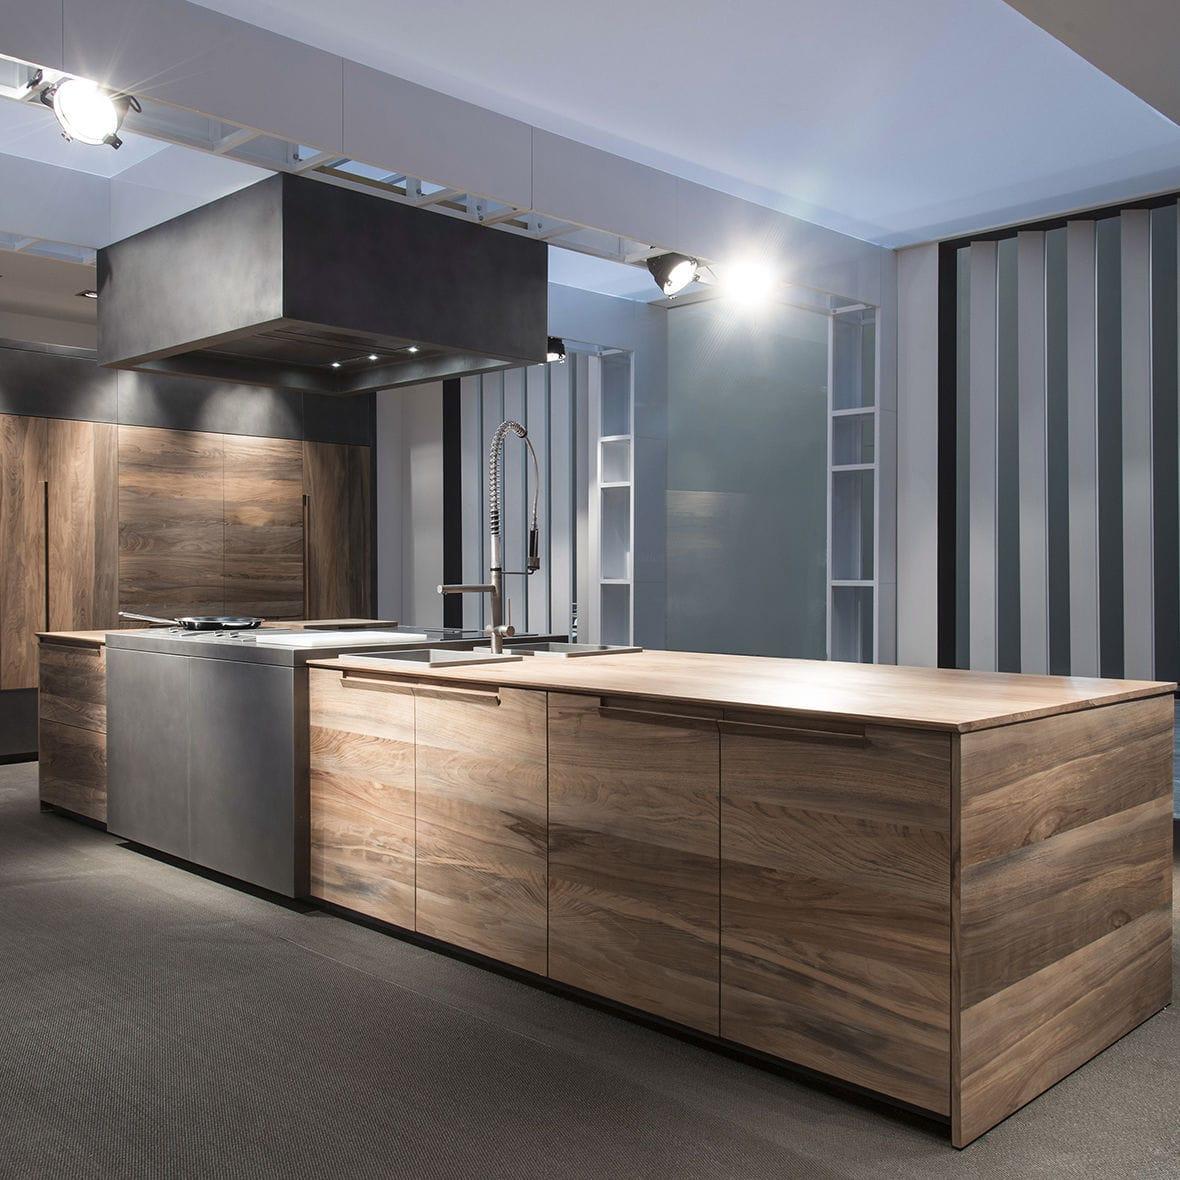 Cucina moderna / in faggio / in acciaio / con isola - ESSENCE - TONCELLI